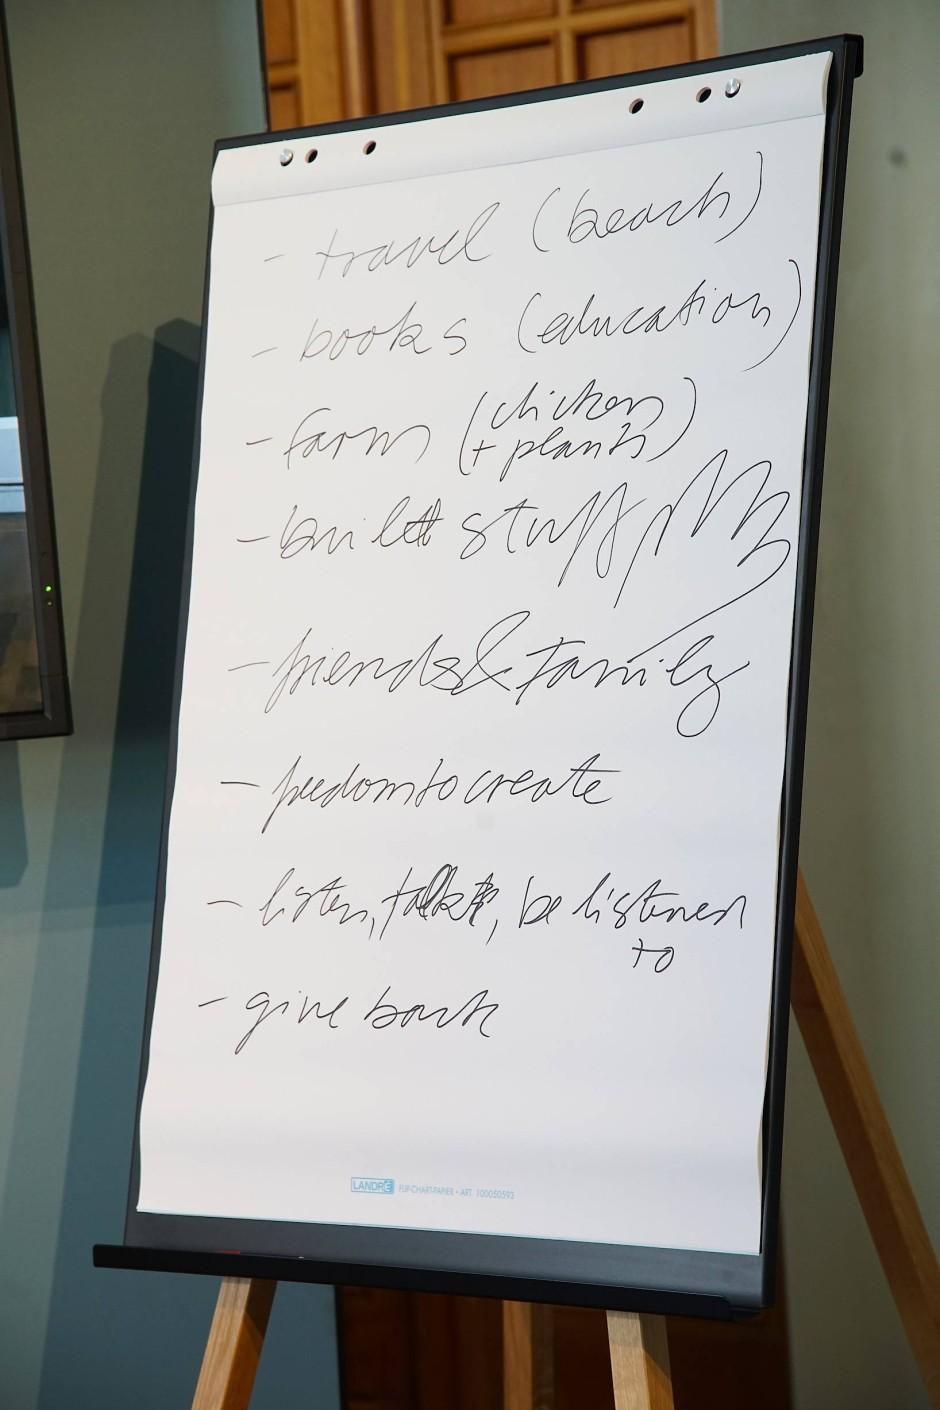 Ideenliste: Was die Workshopteilnehmer täten, wenn sie unendlich viel Geld hätten.